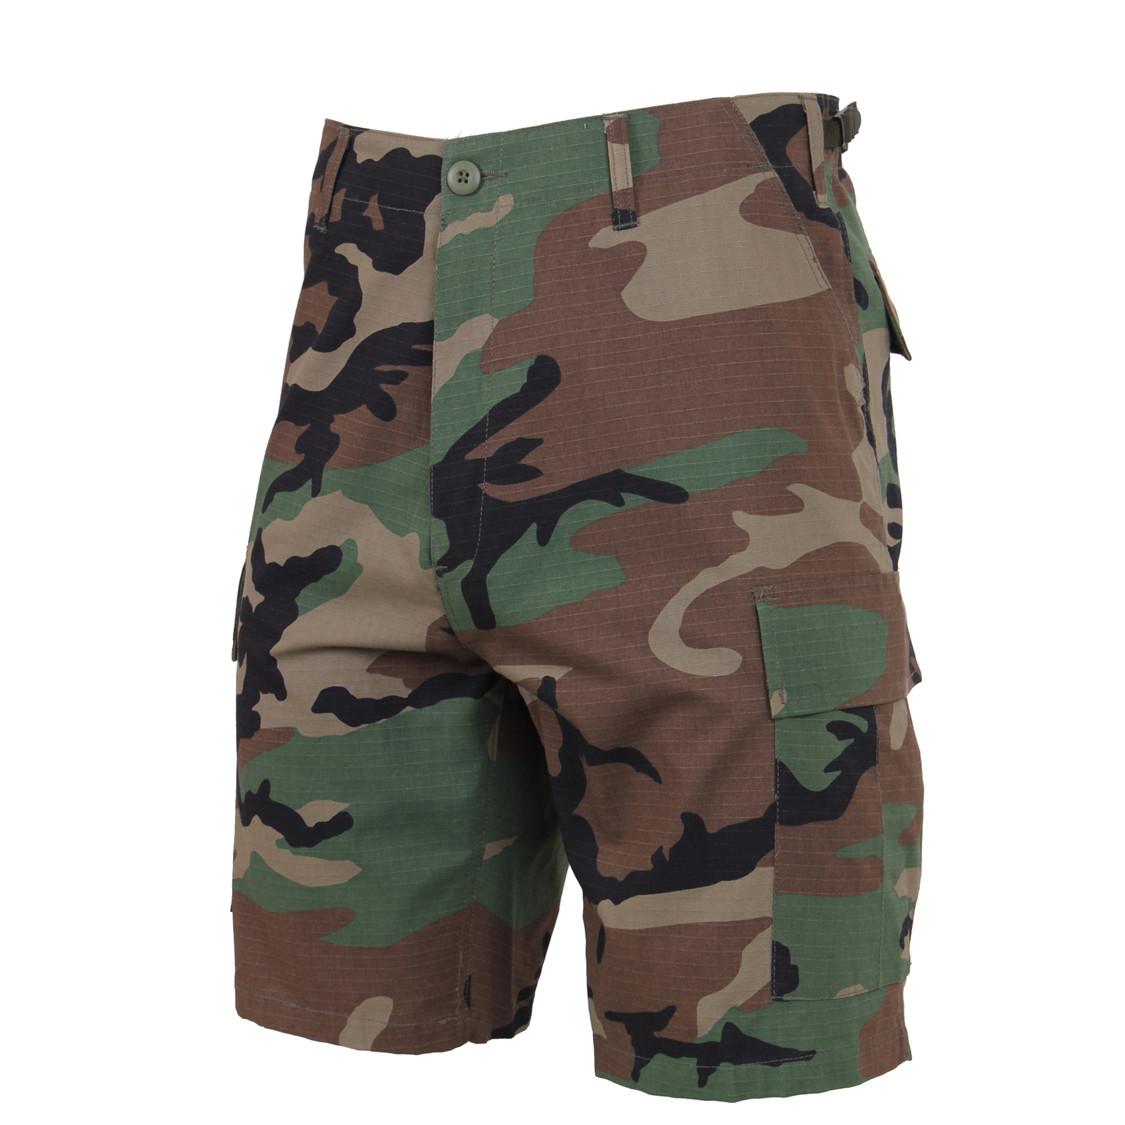 def8087c8677 Shop Woodland Camo Ripstop BDU Shorts - Fatigues Army Navy Gear